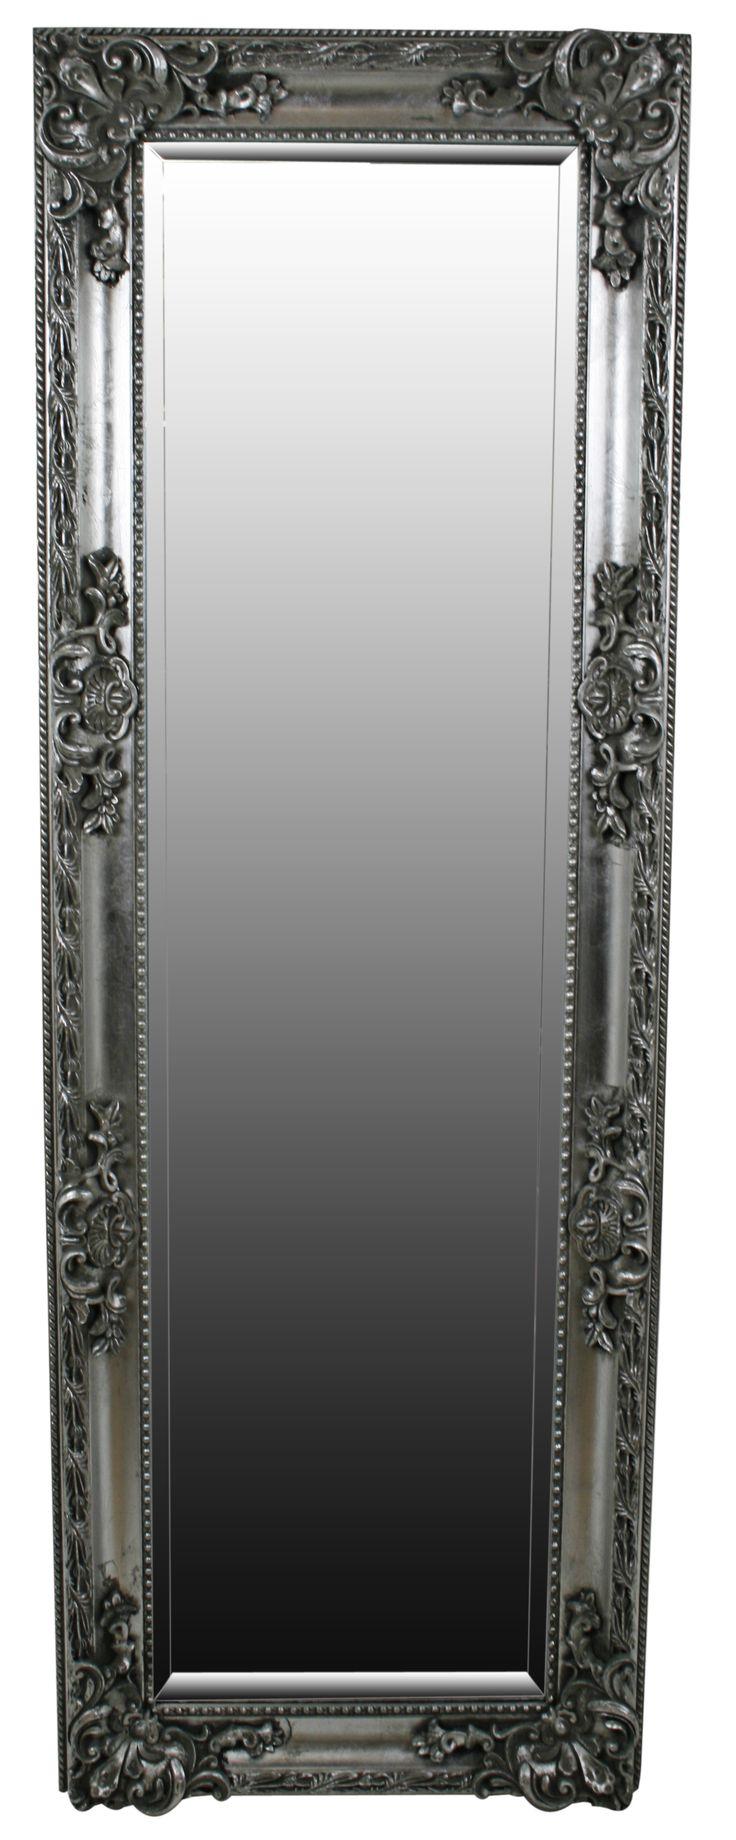 Silver floor standing mirror